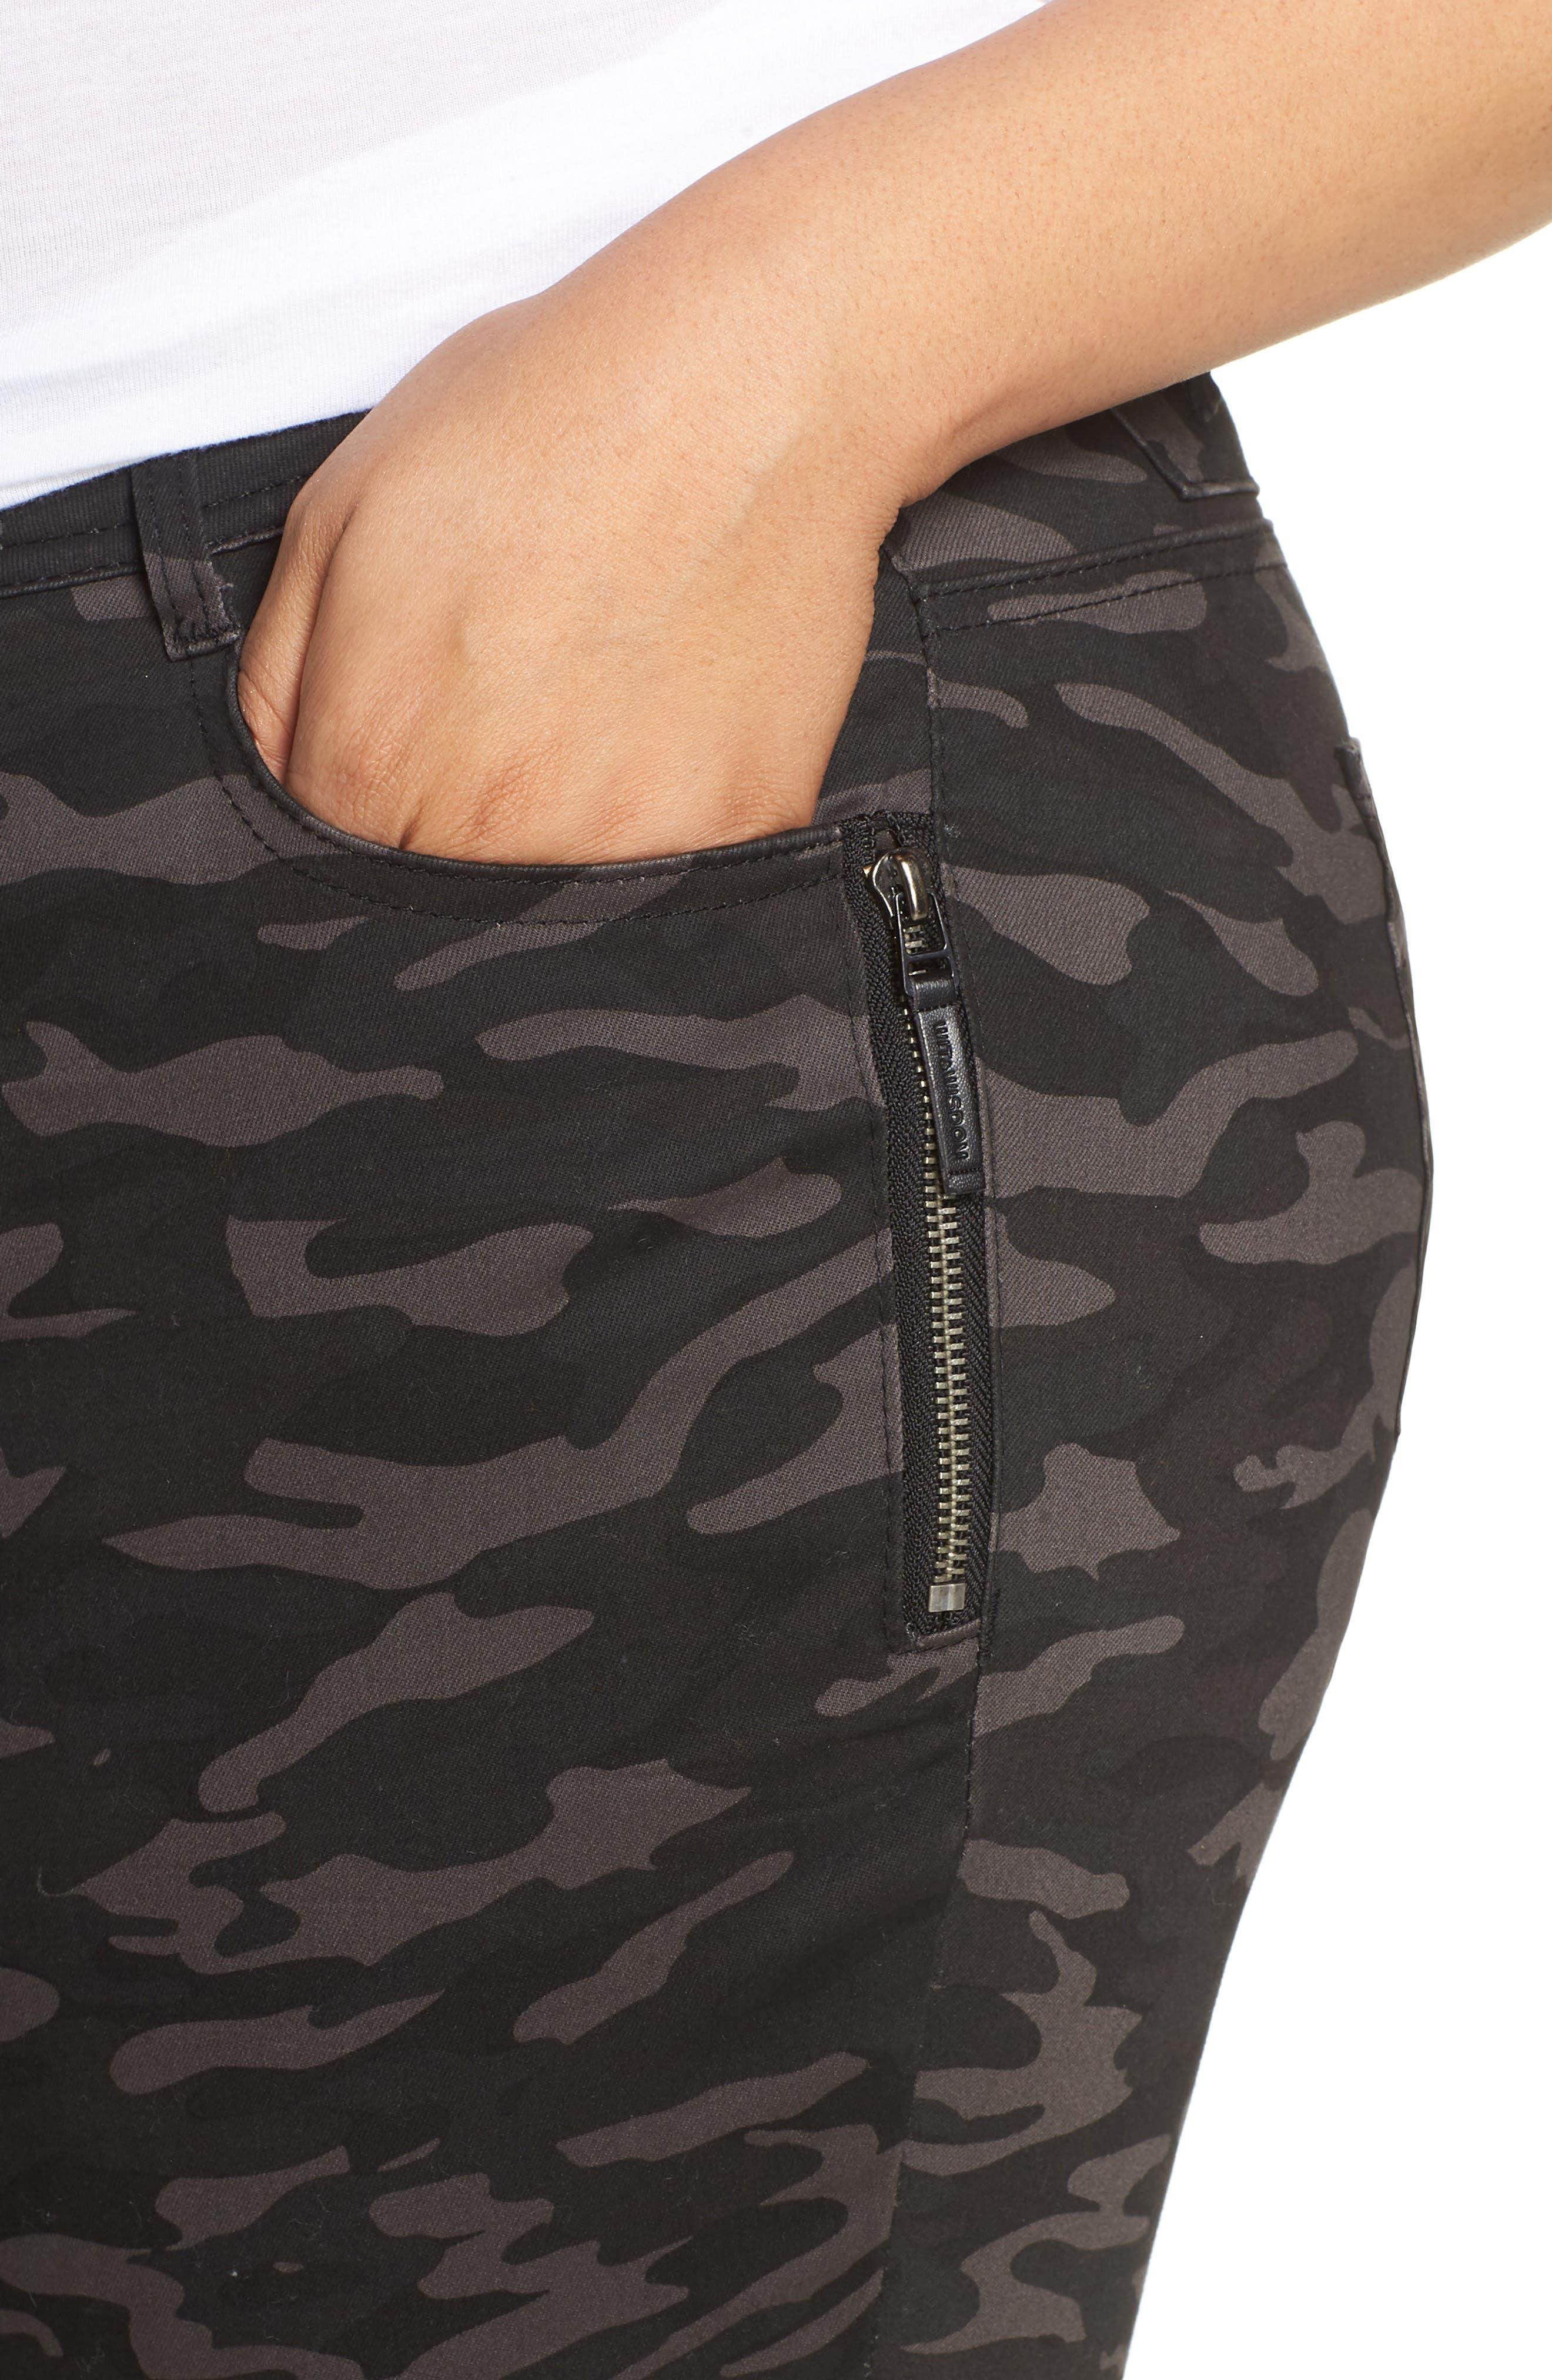 Ab-Solution Camo Ankle Pants,                             Alternate thumbnail 4, color,                             BLACK